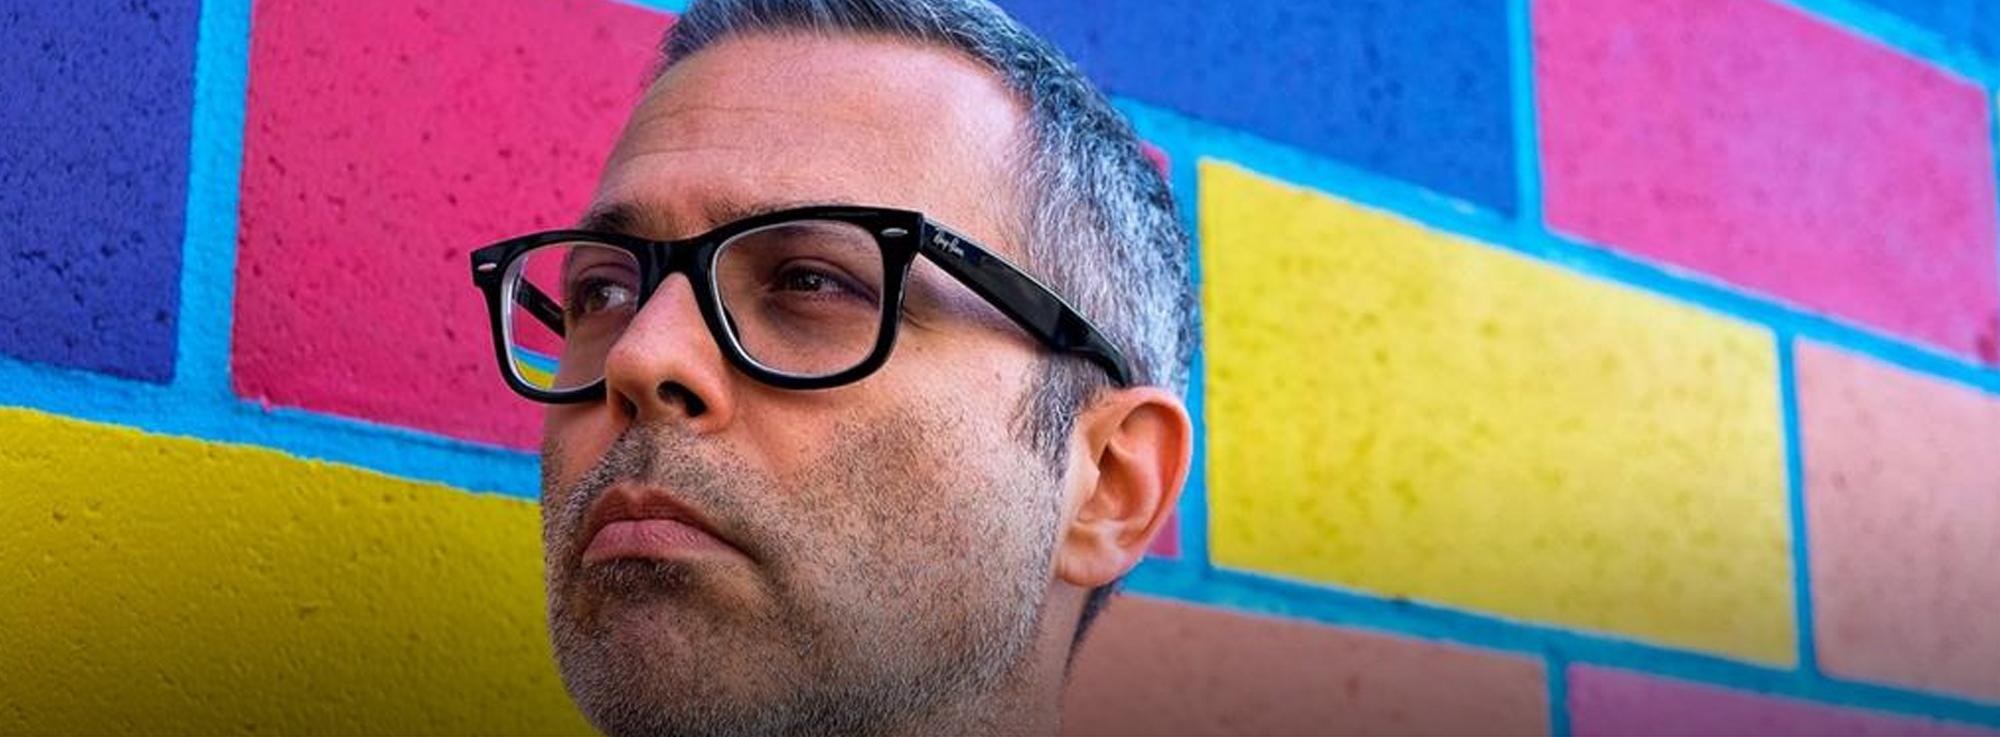 Lecce: Frankie hi-nrg mc - Faccio la mia cosa